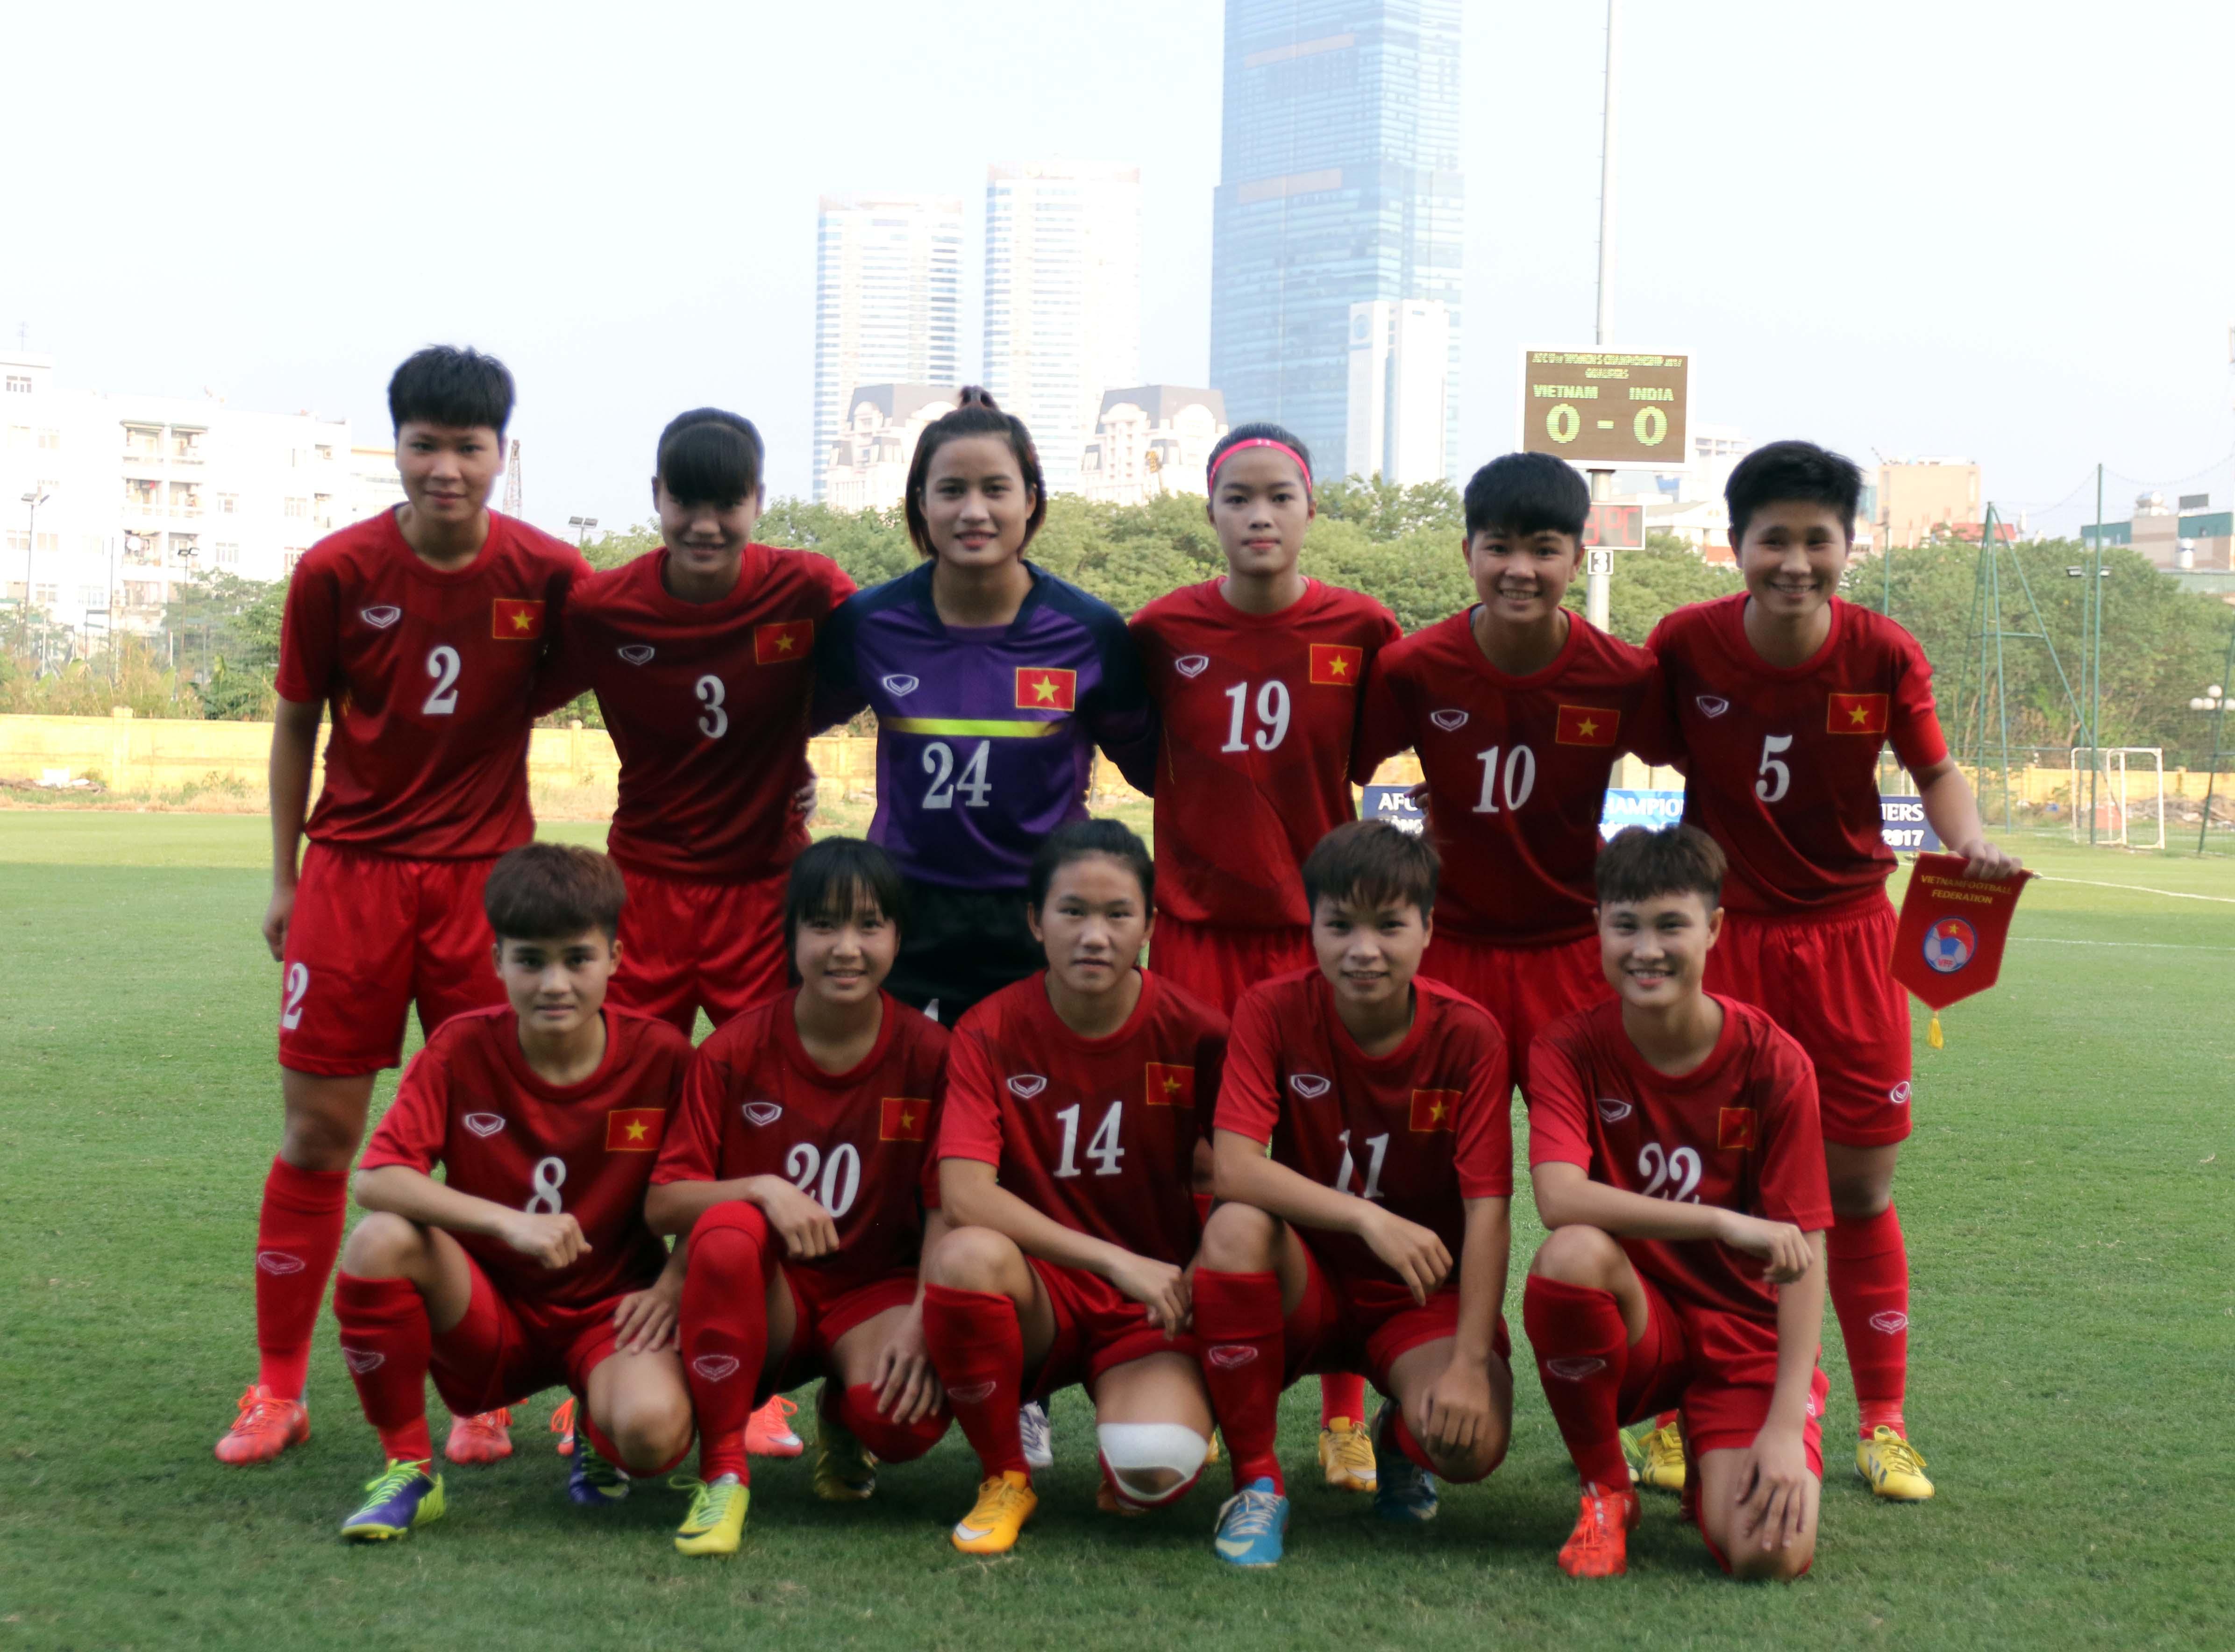 Album ảnh U19 Viet Nam - U19 INDIA tại vòng loại bảng D giải Bóng đá U19 Nữ Châu Á 2016